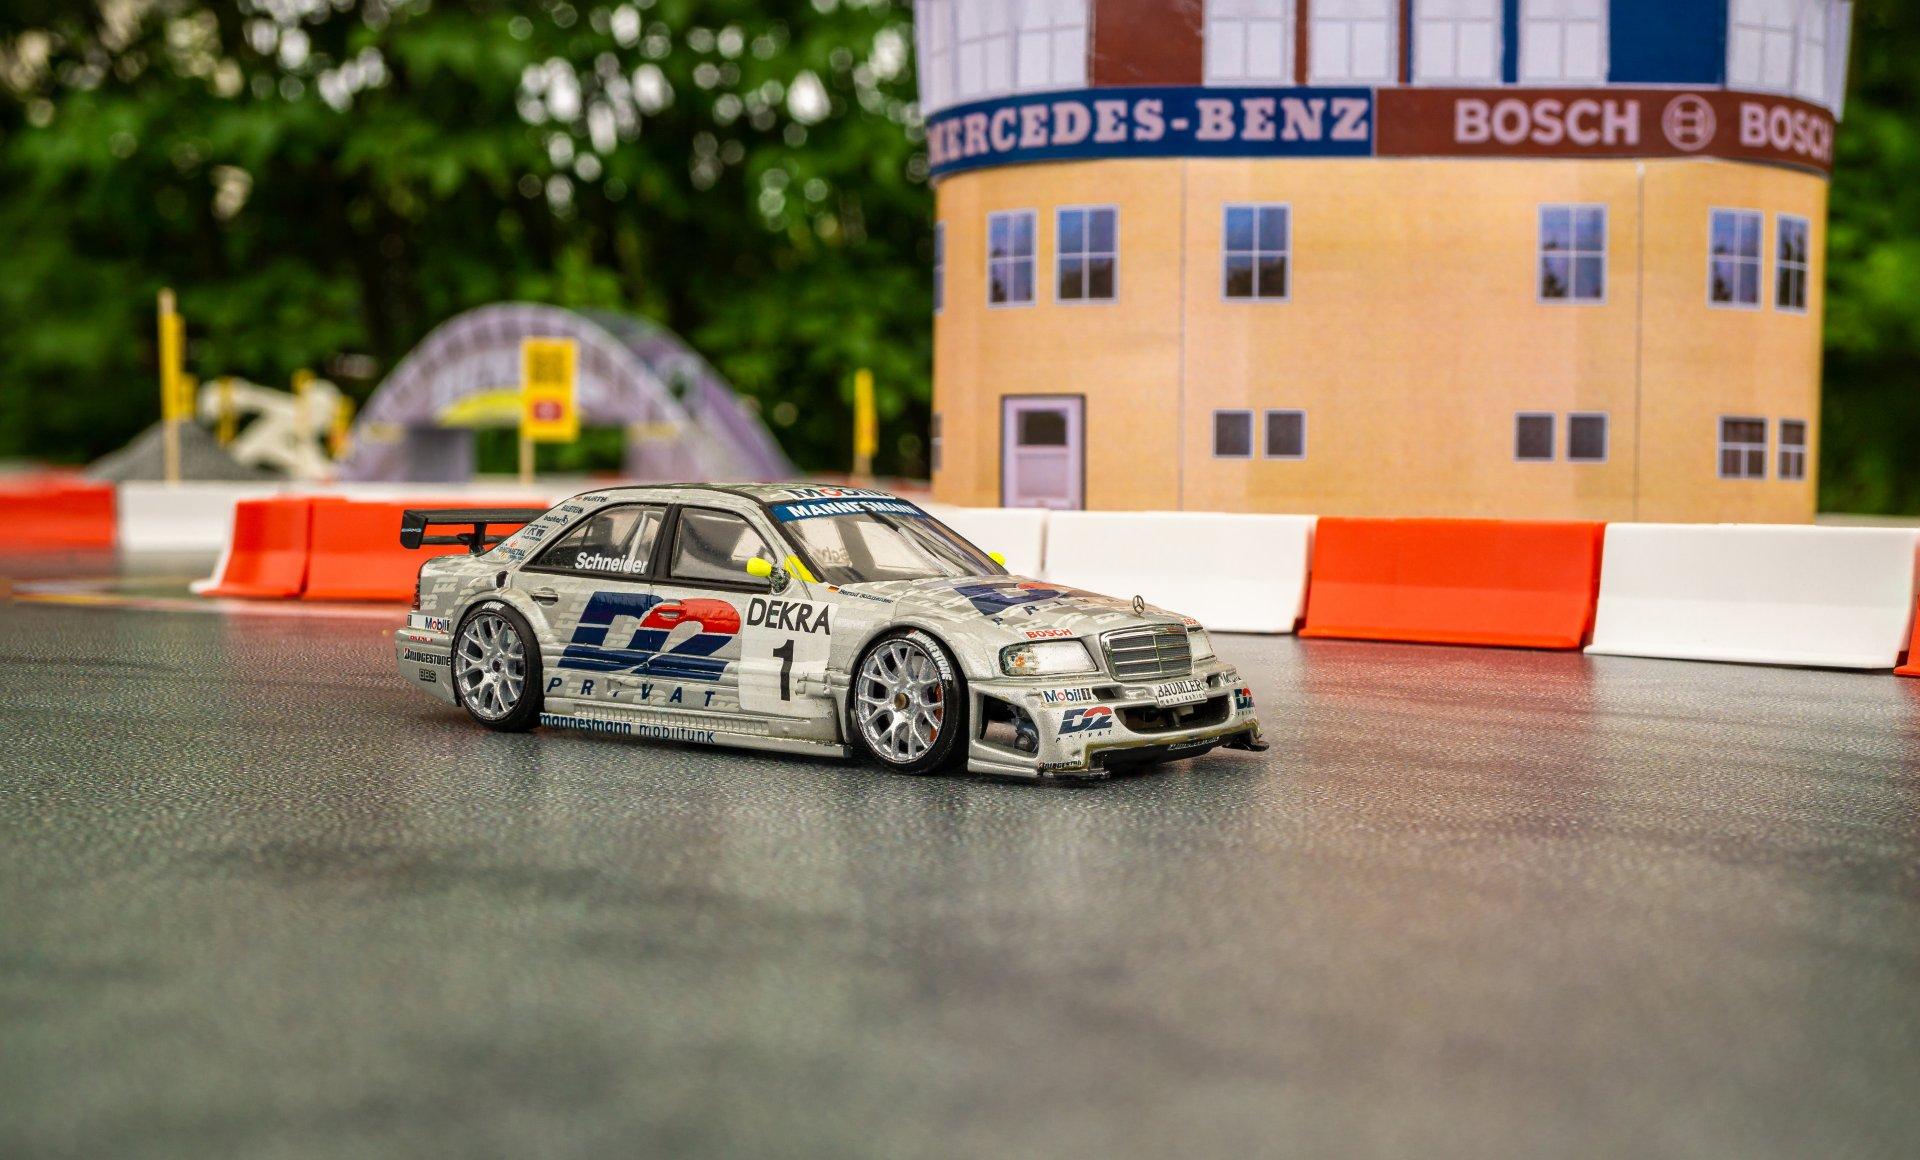 Mercedes D2 Micha.jpg